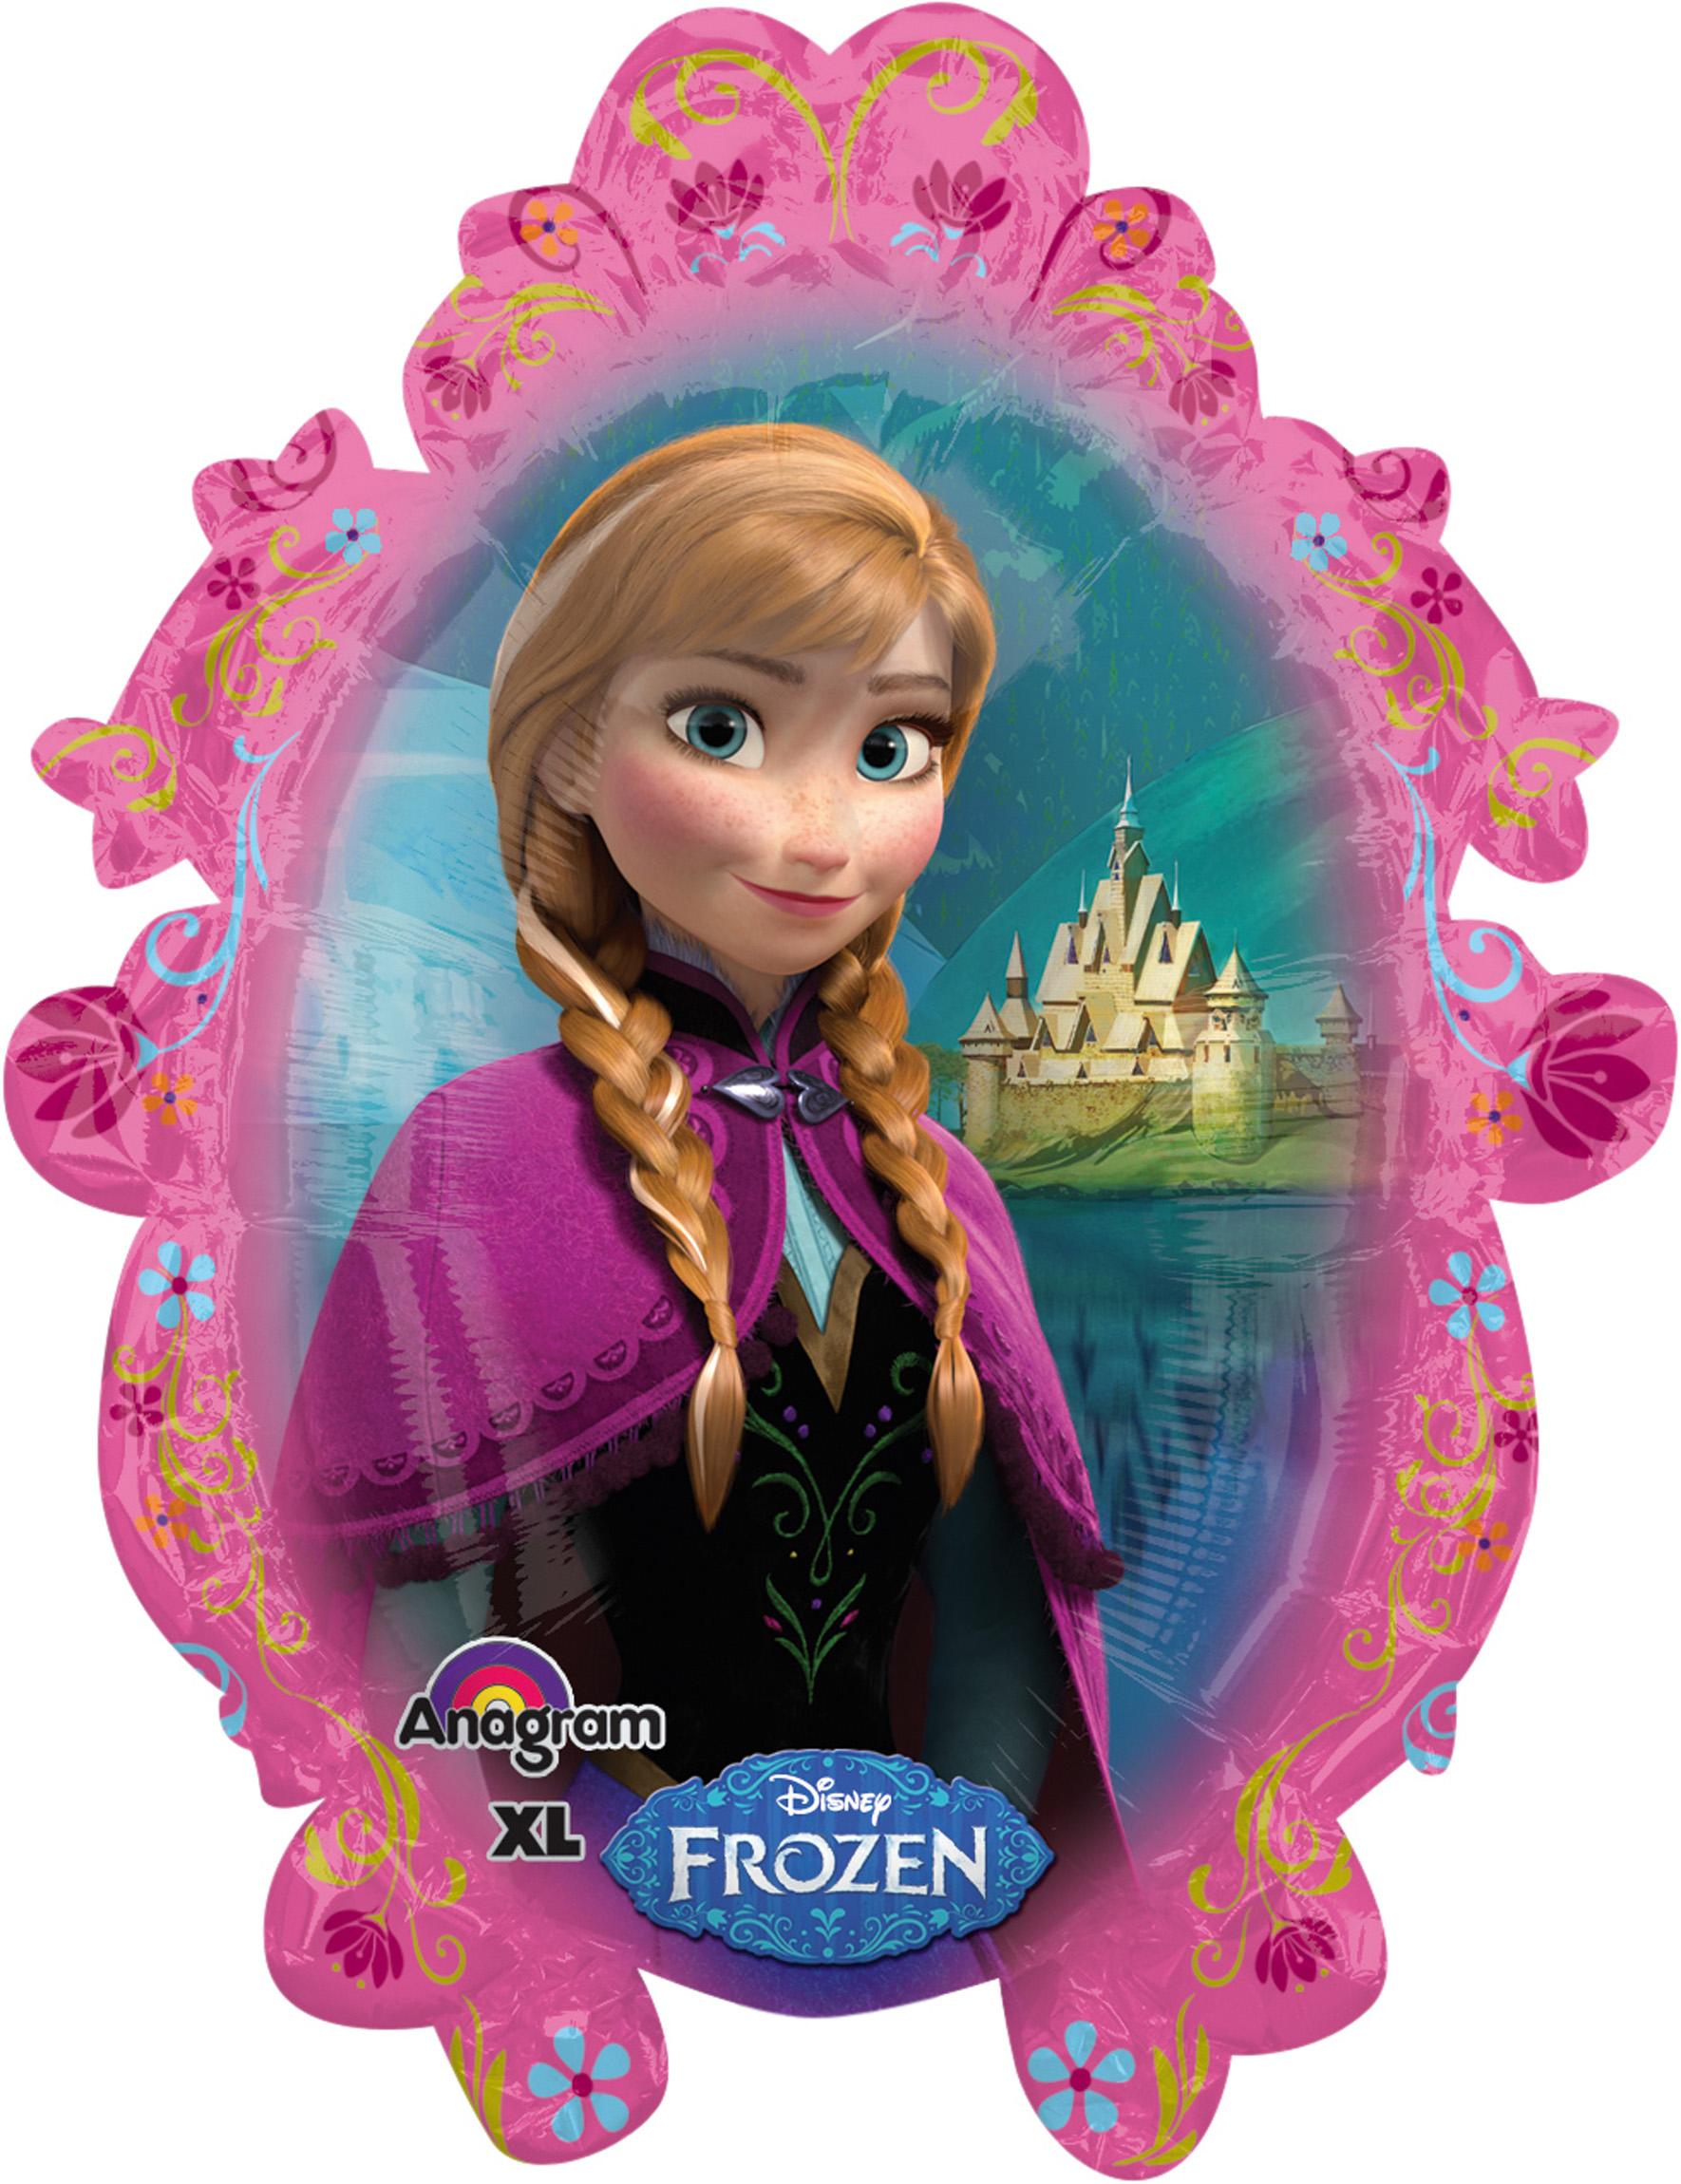 Folienballon Frozen Anna Elsa Kolner Kostumkiste